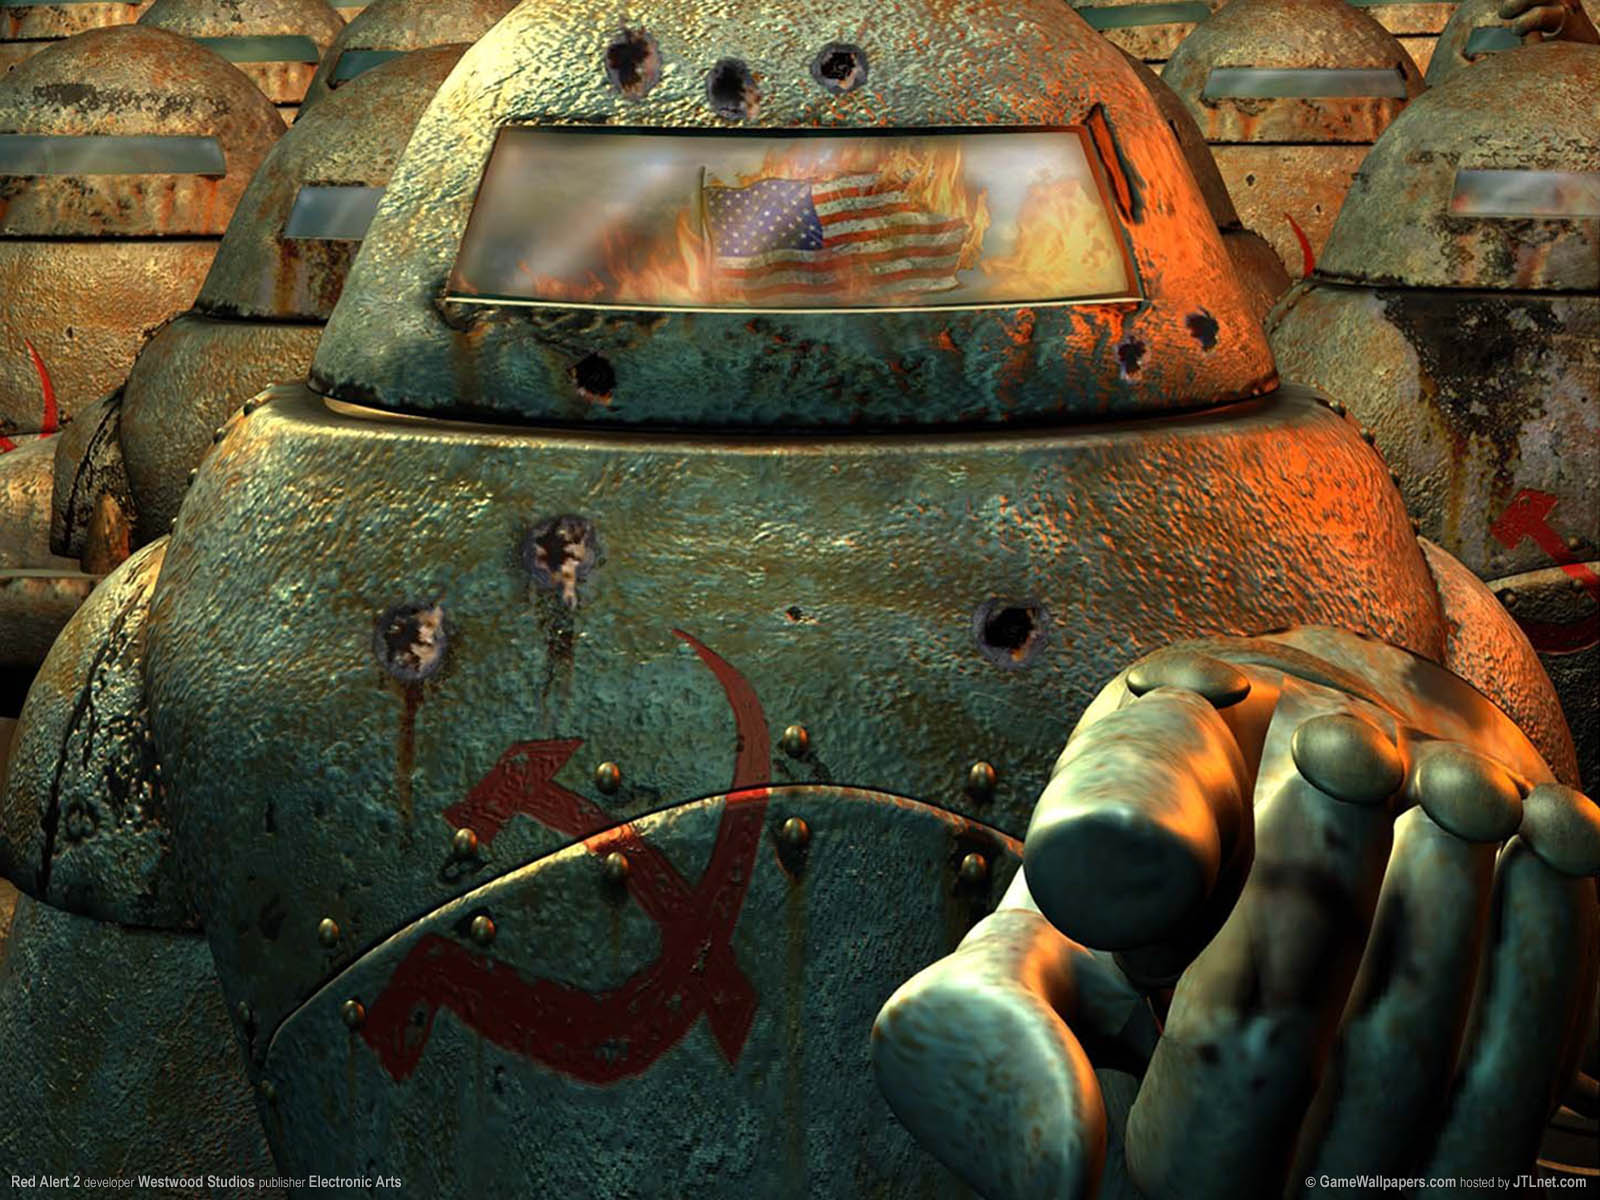 Red Alert 2 Hintergrundbild 04 1600x1200